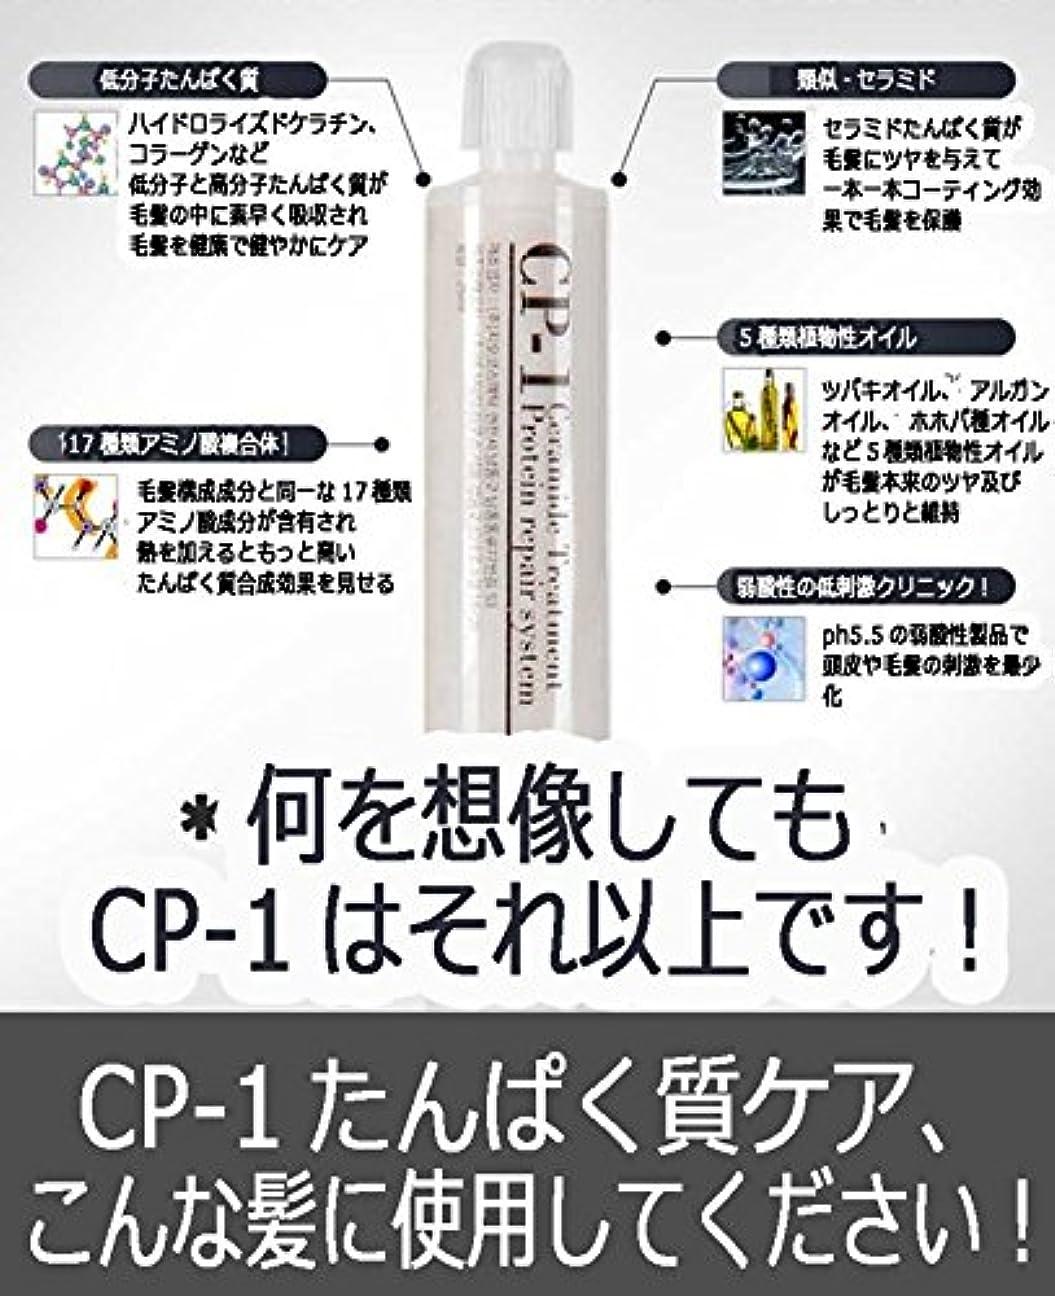 賠償ポットフィット[CP-1 Protein 10pcs タンパク質&セラミド] ヘア?デザイナーが先ずお勧めするタンパク質クリニック!家で簡単タンパク質の施術で、高度なサロンケアを体験!【10個入り】